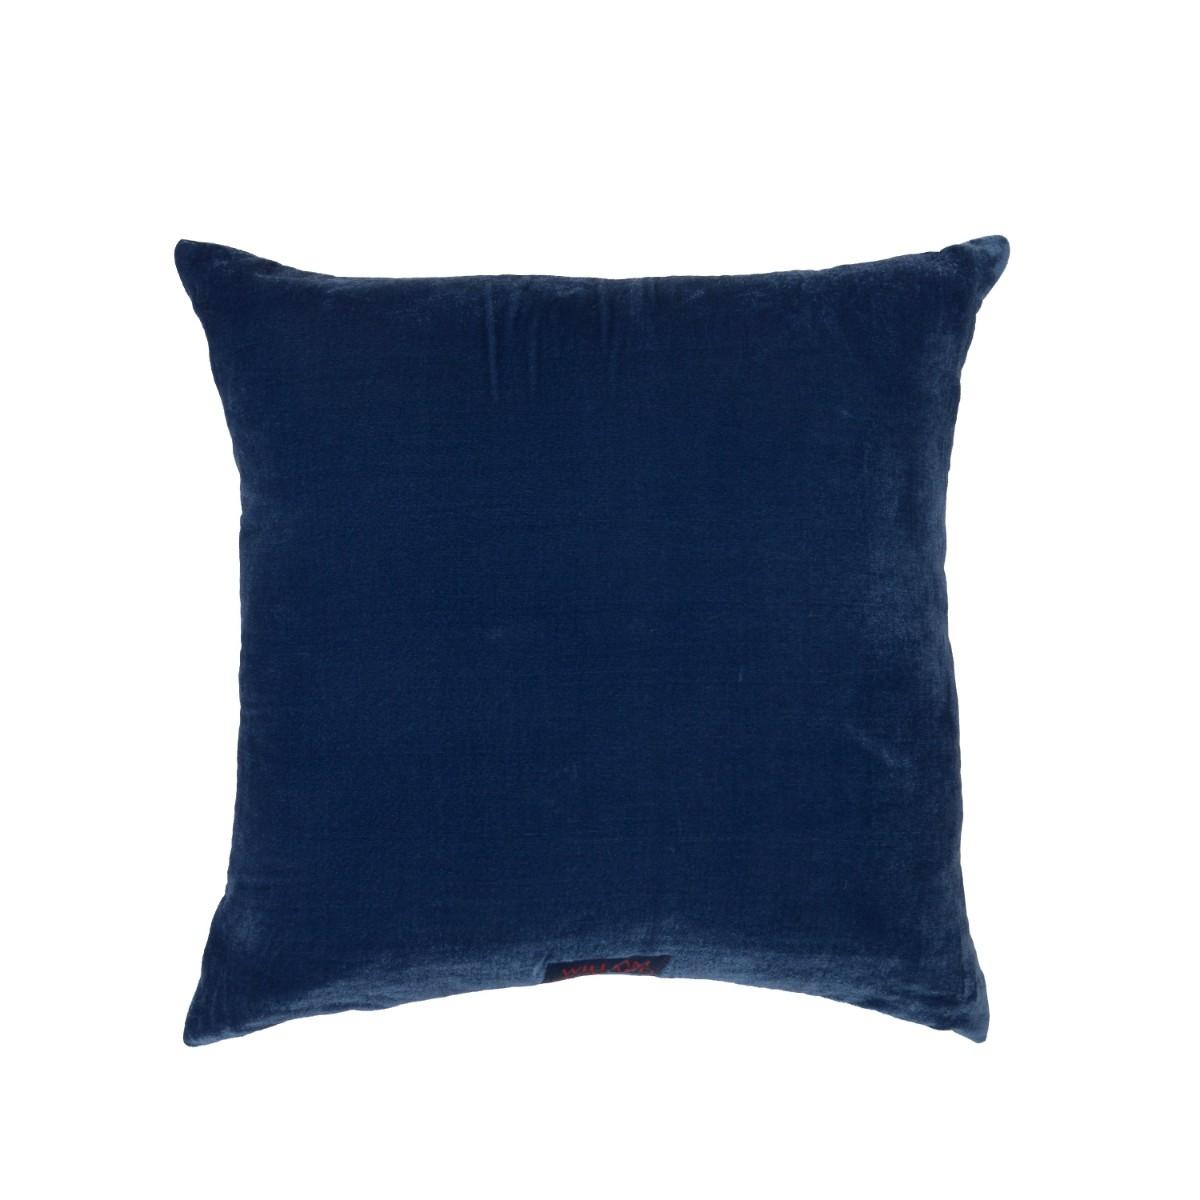 William Yeoward |Paddy Velvet Cushion French Navy